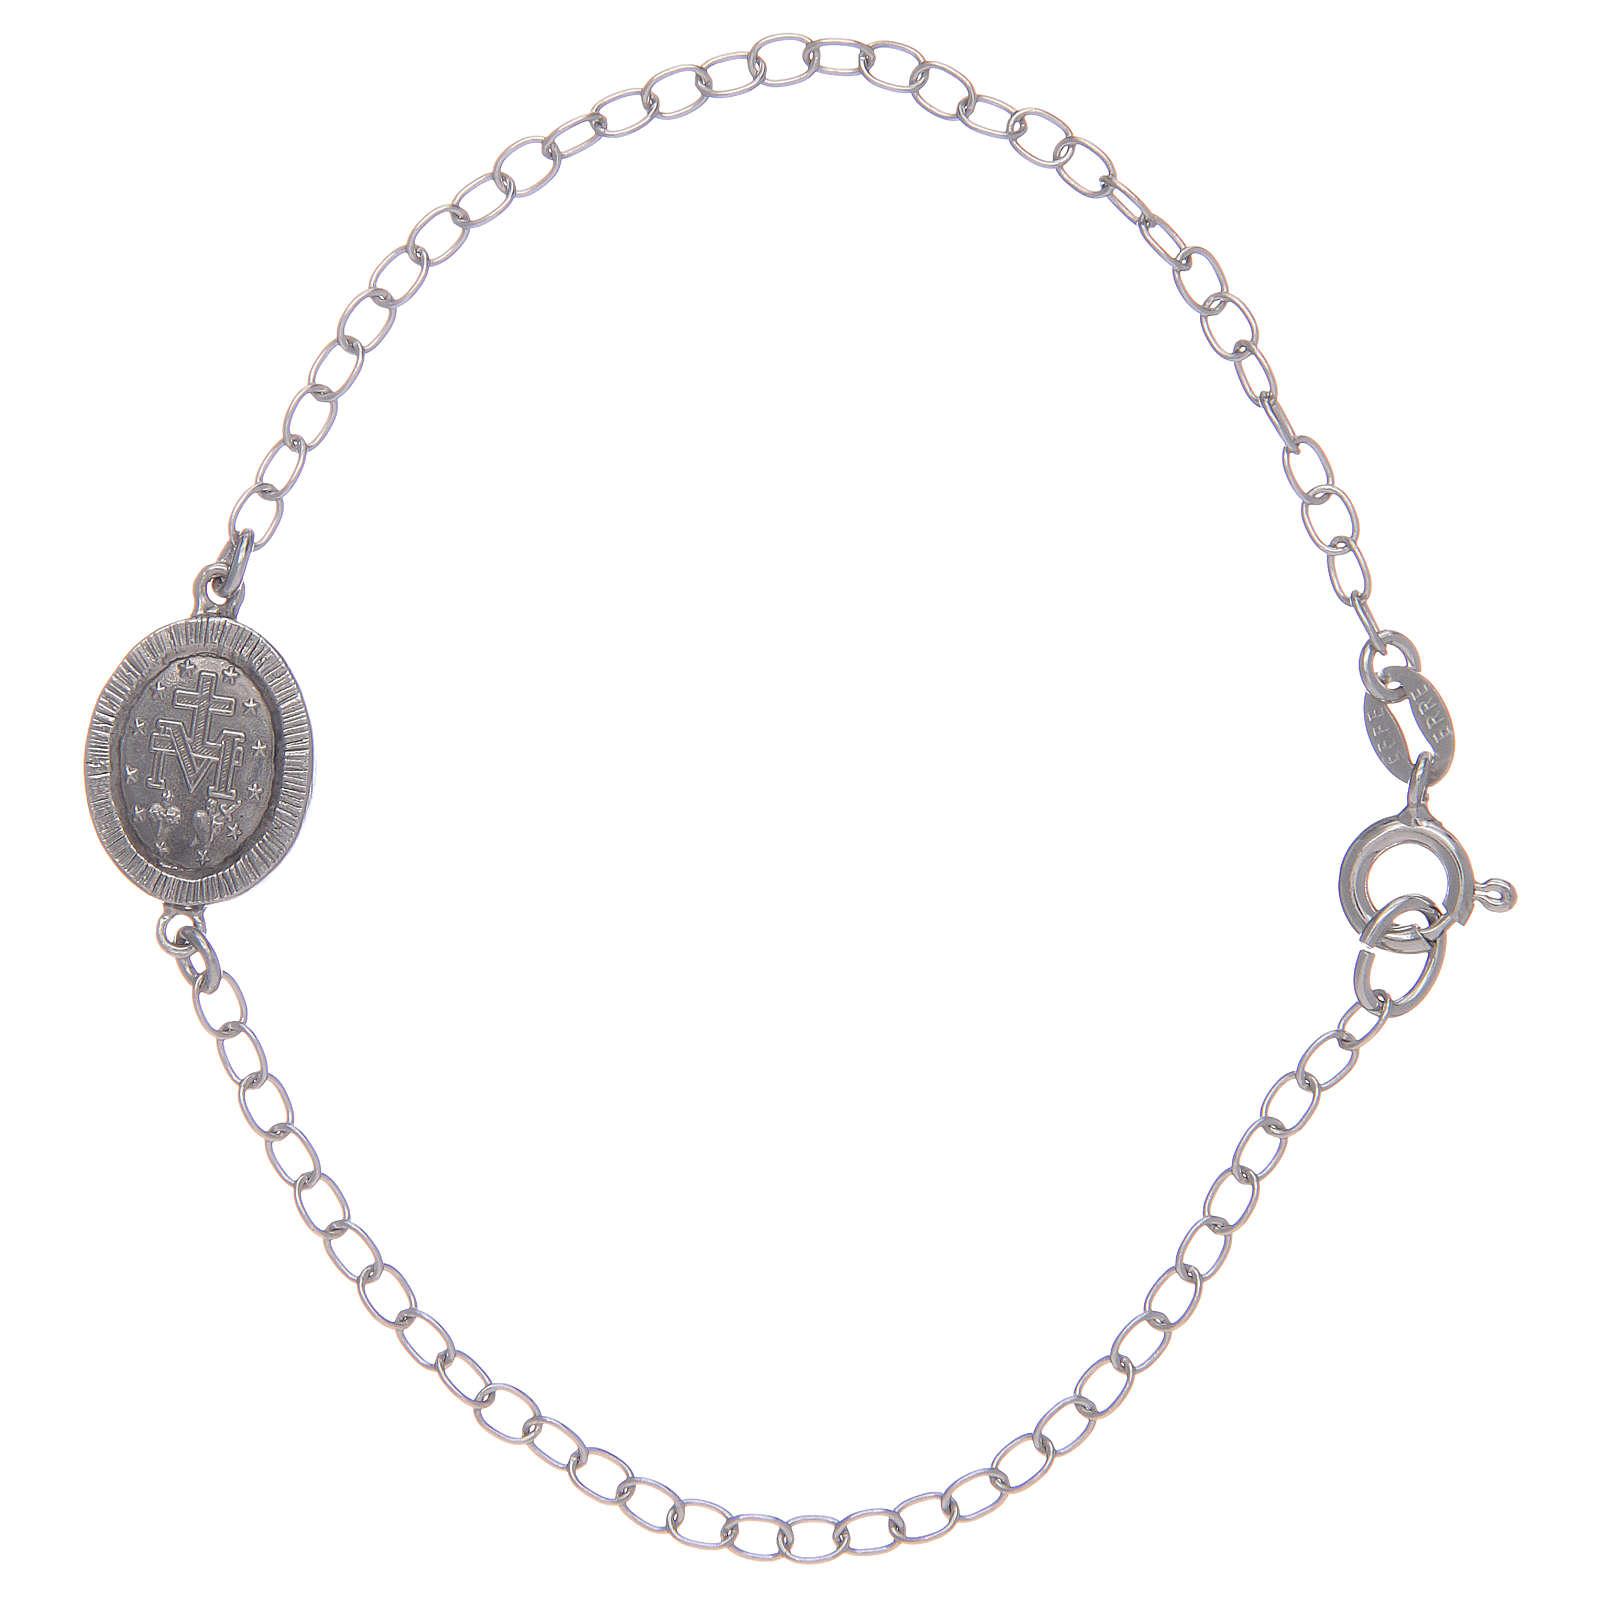 Bracelet avec médaille Miraculeuse en argent 925 pierres transparentes 4